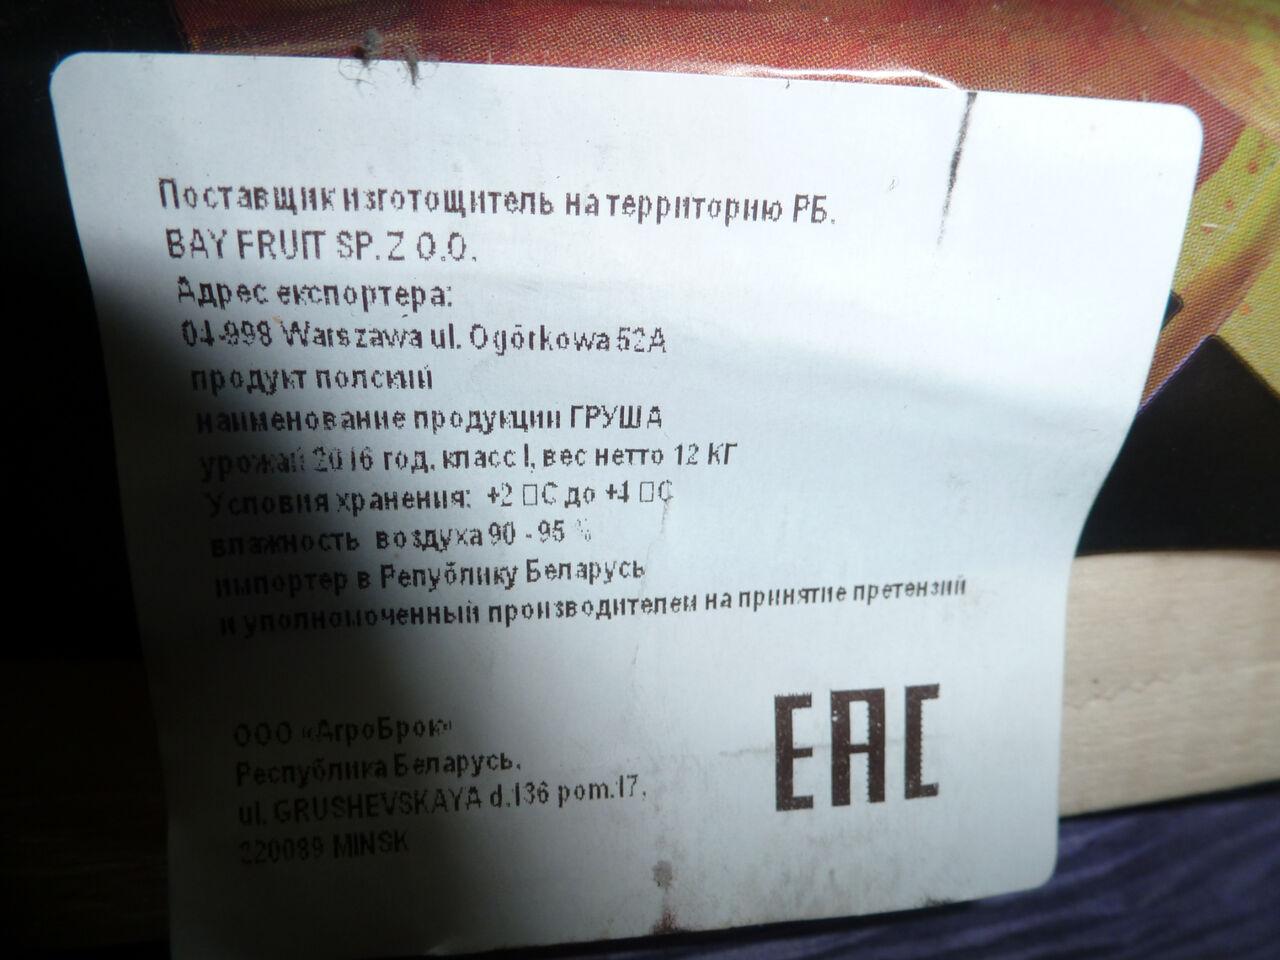 Томский Россельхознадзор уничтожил 42кг санкционных груш